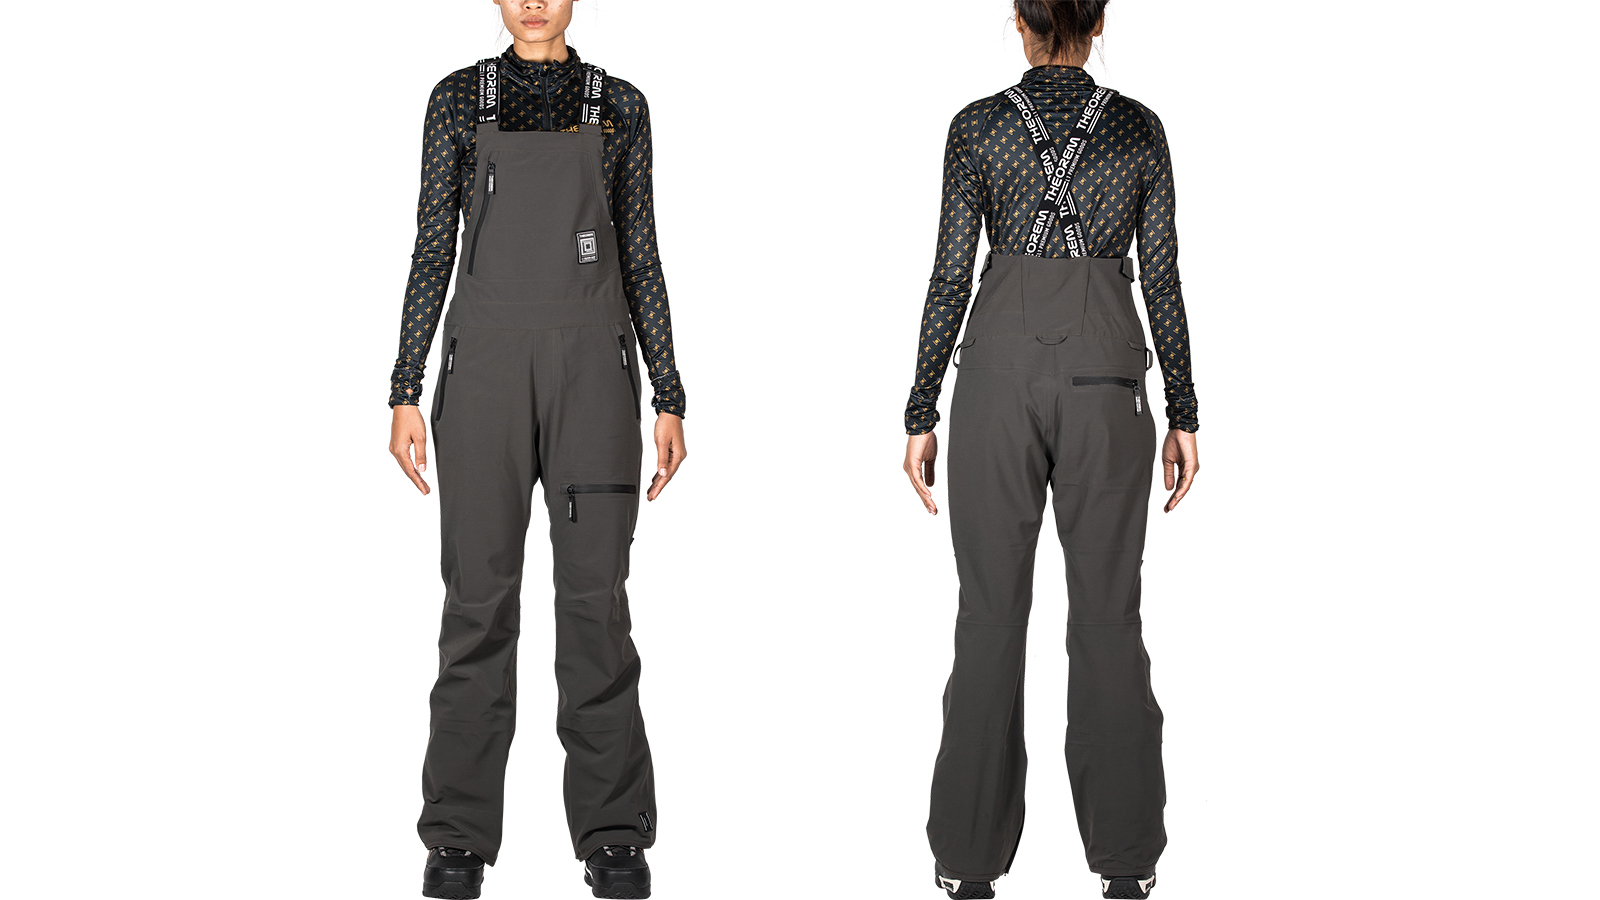 L1 FW20/21 Women's Outerwear